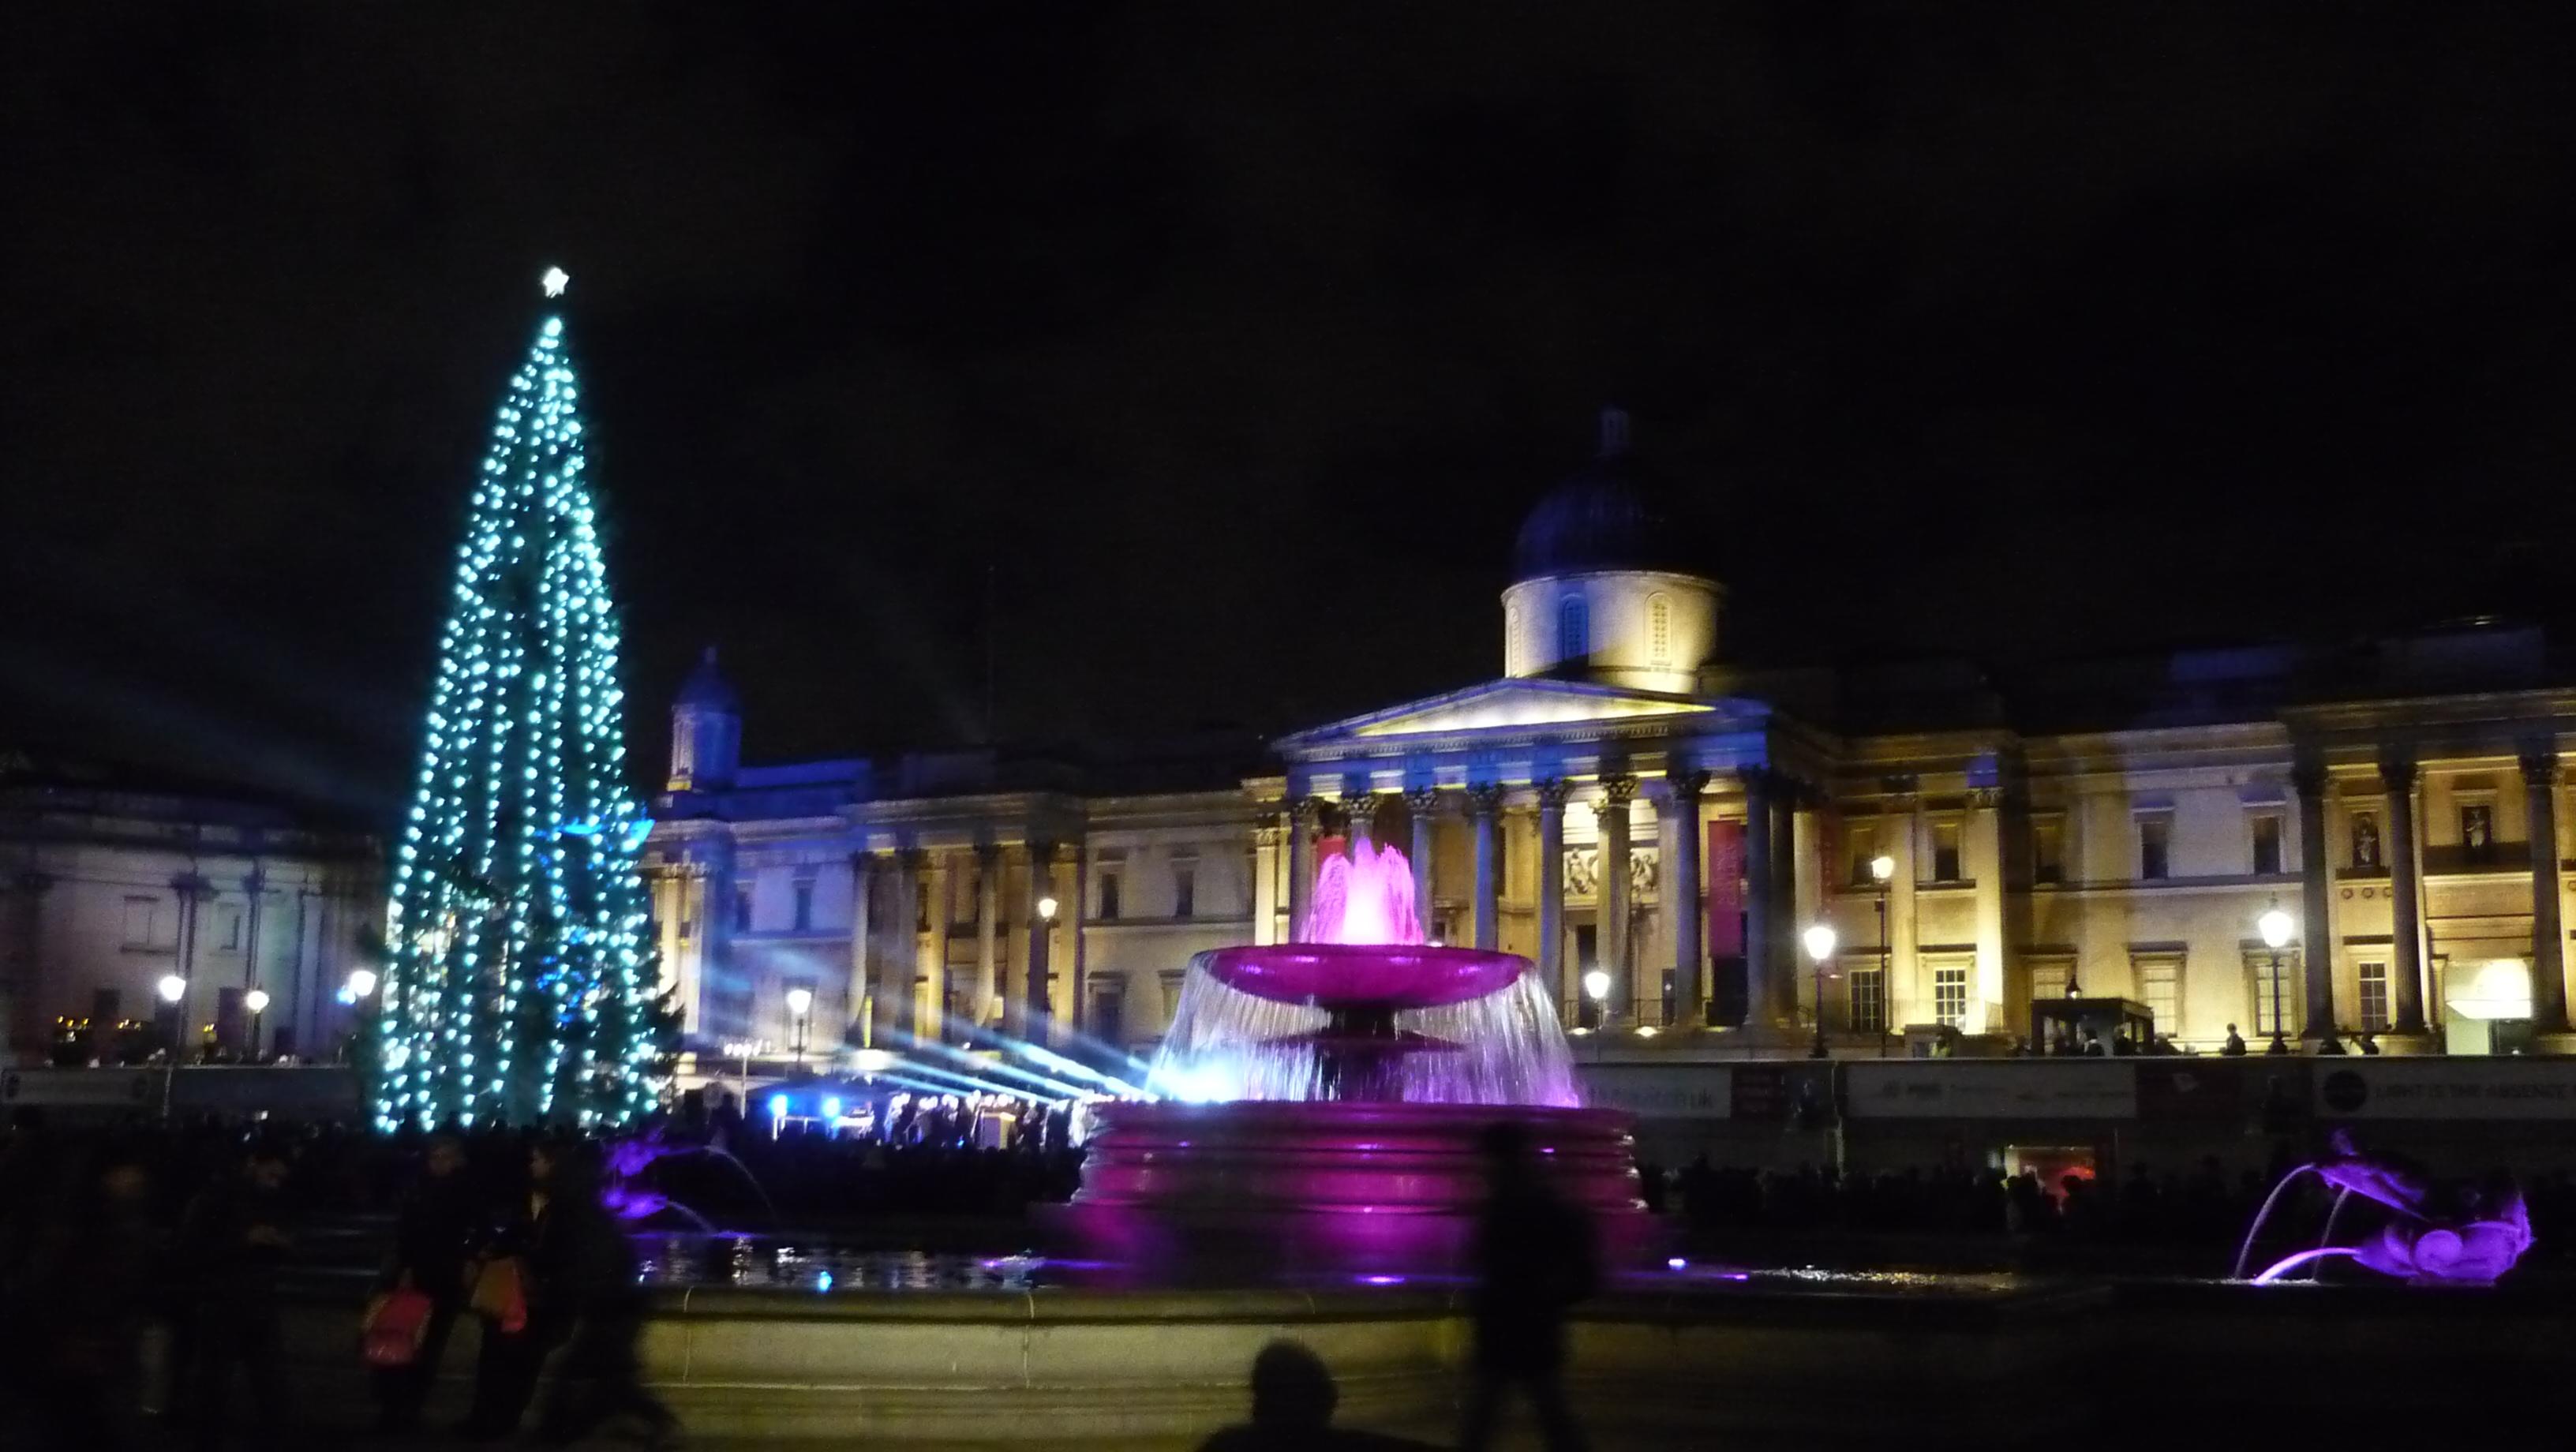 #702876 Que Faire à Londres à Noël: 5 Idées De Sorties 5317 decorations de noel a londres 3264x1840 px @ aertt.com